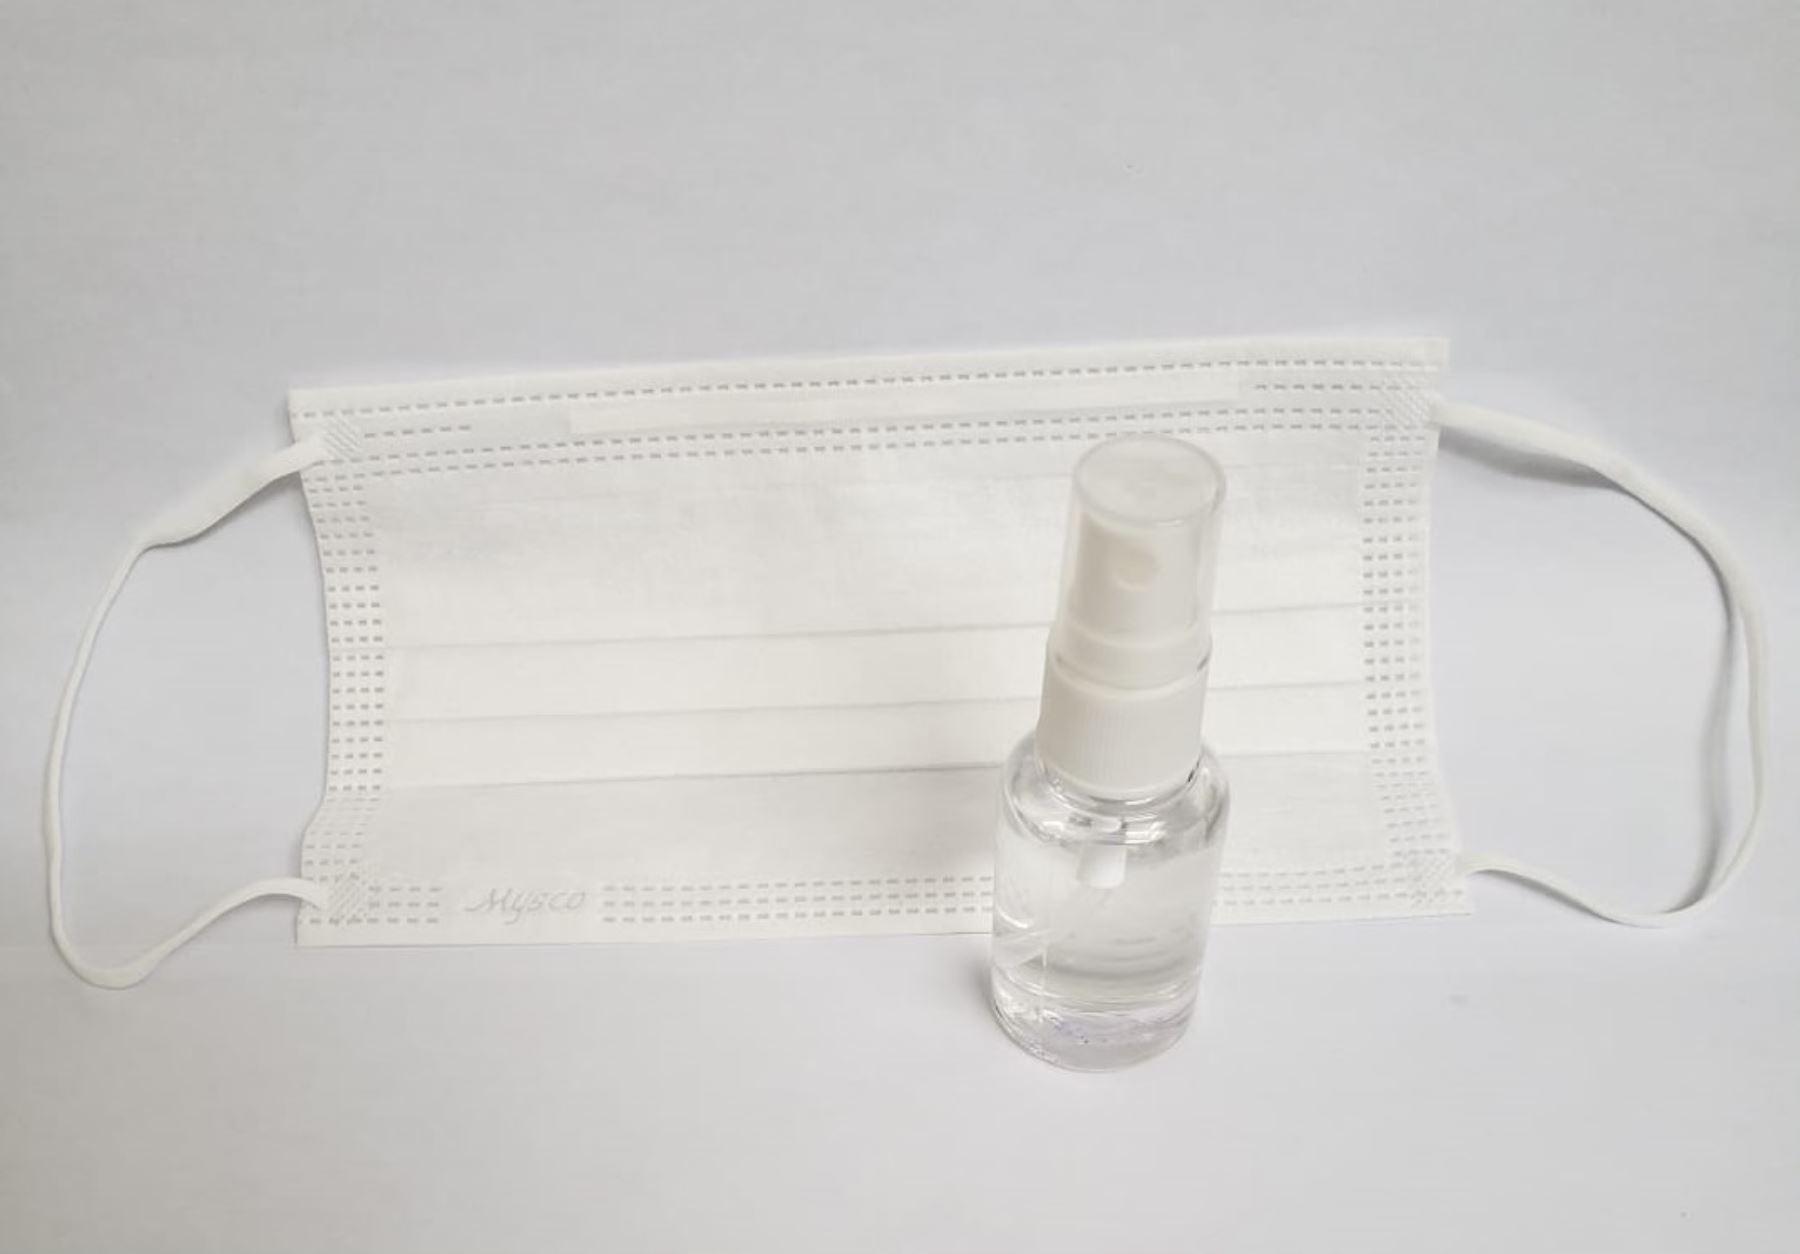 El líquido crea un recubrimiento en la mascarilla para que proteja más ante virus o bacterias.